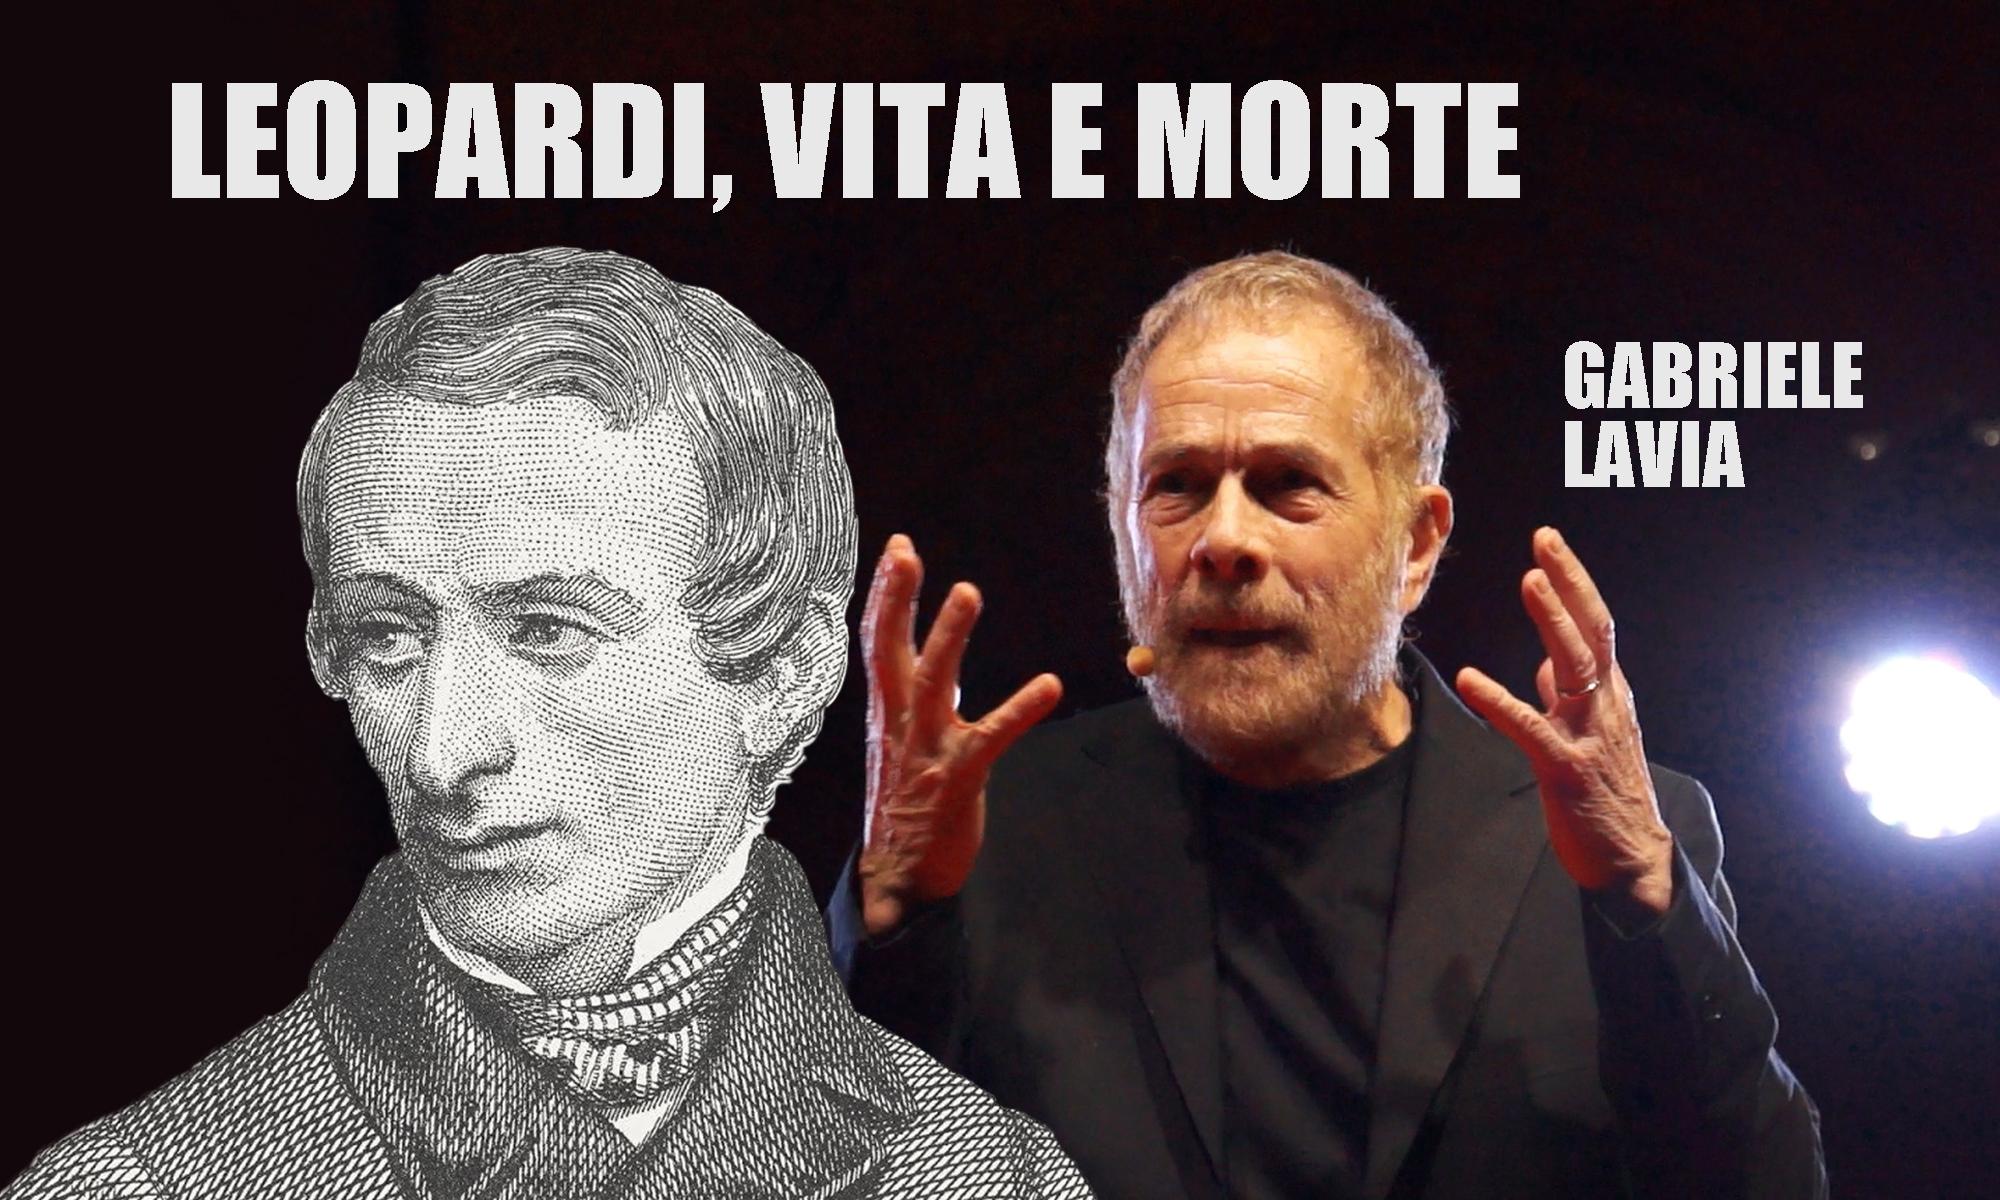 Giacomo Leopardi, la vita, la morte